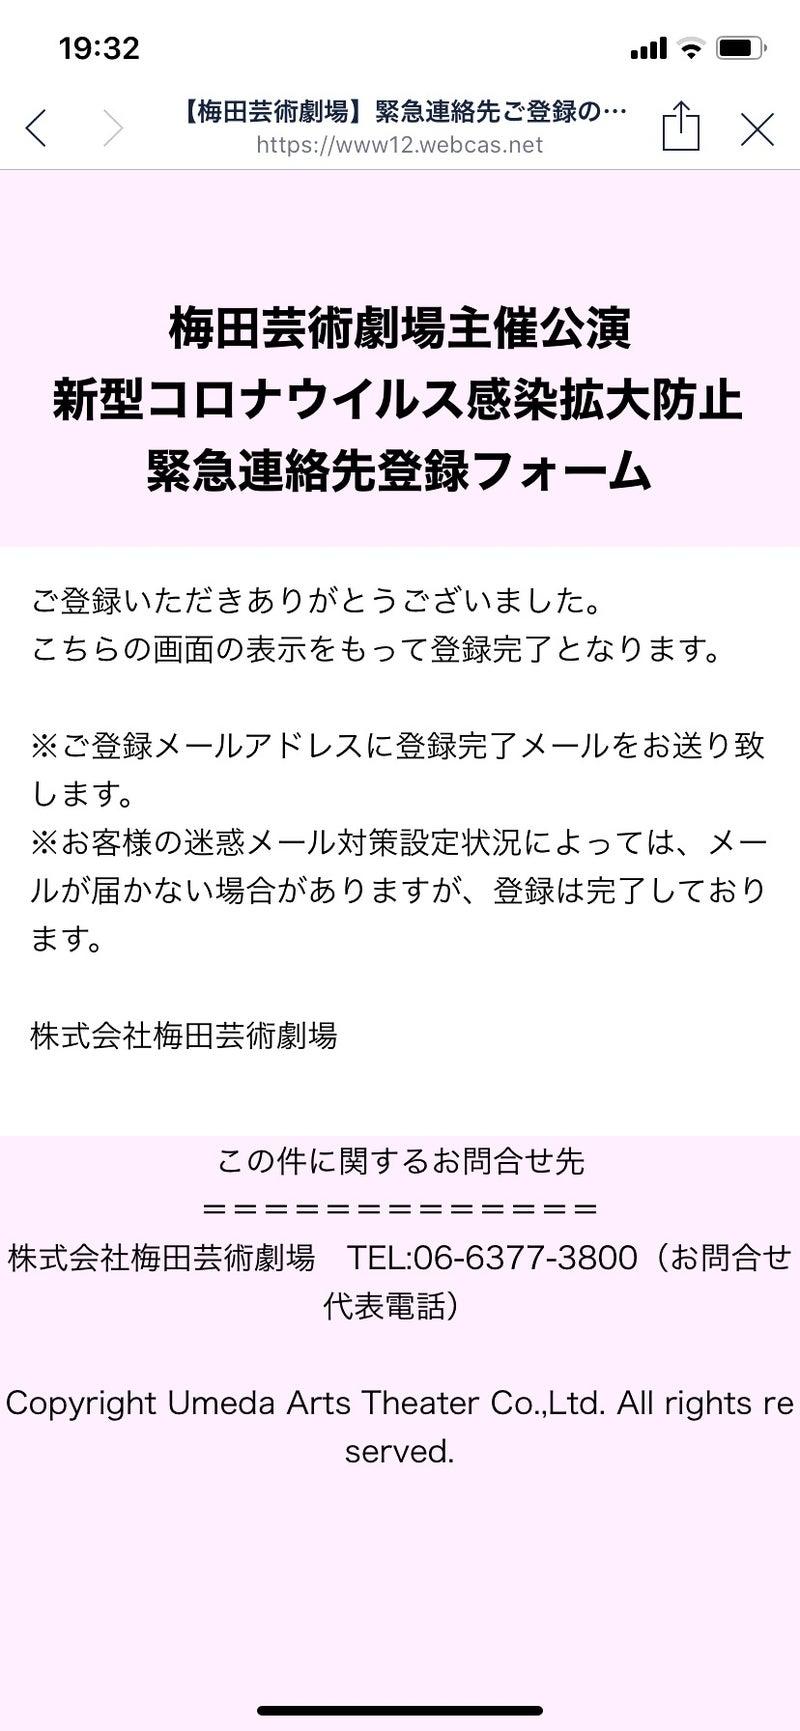 芸術 劇場 梅田